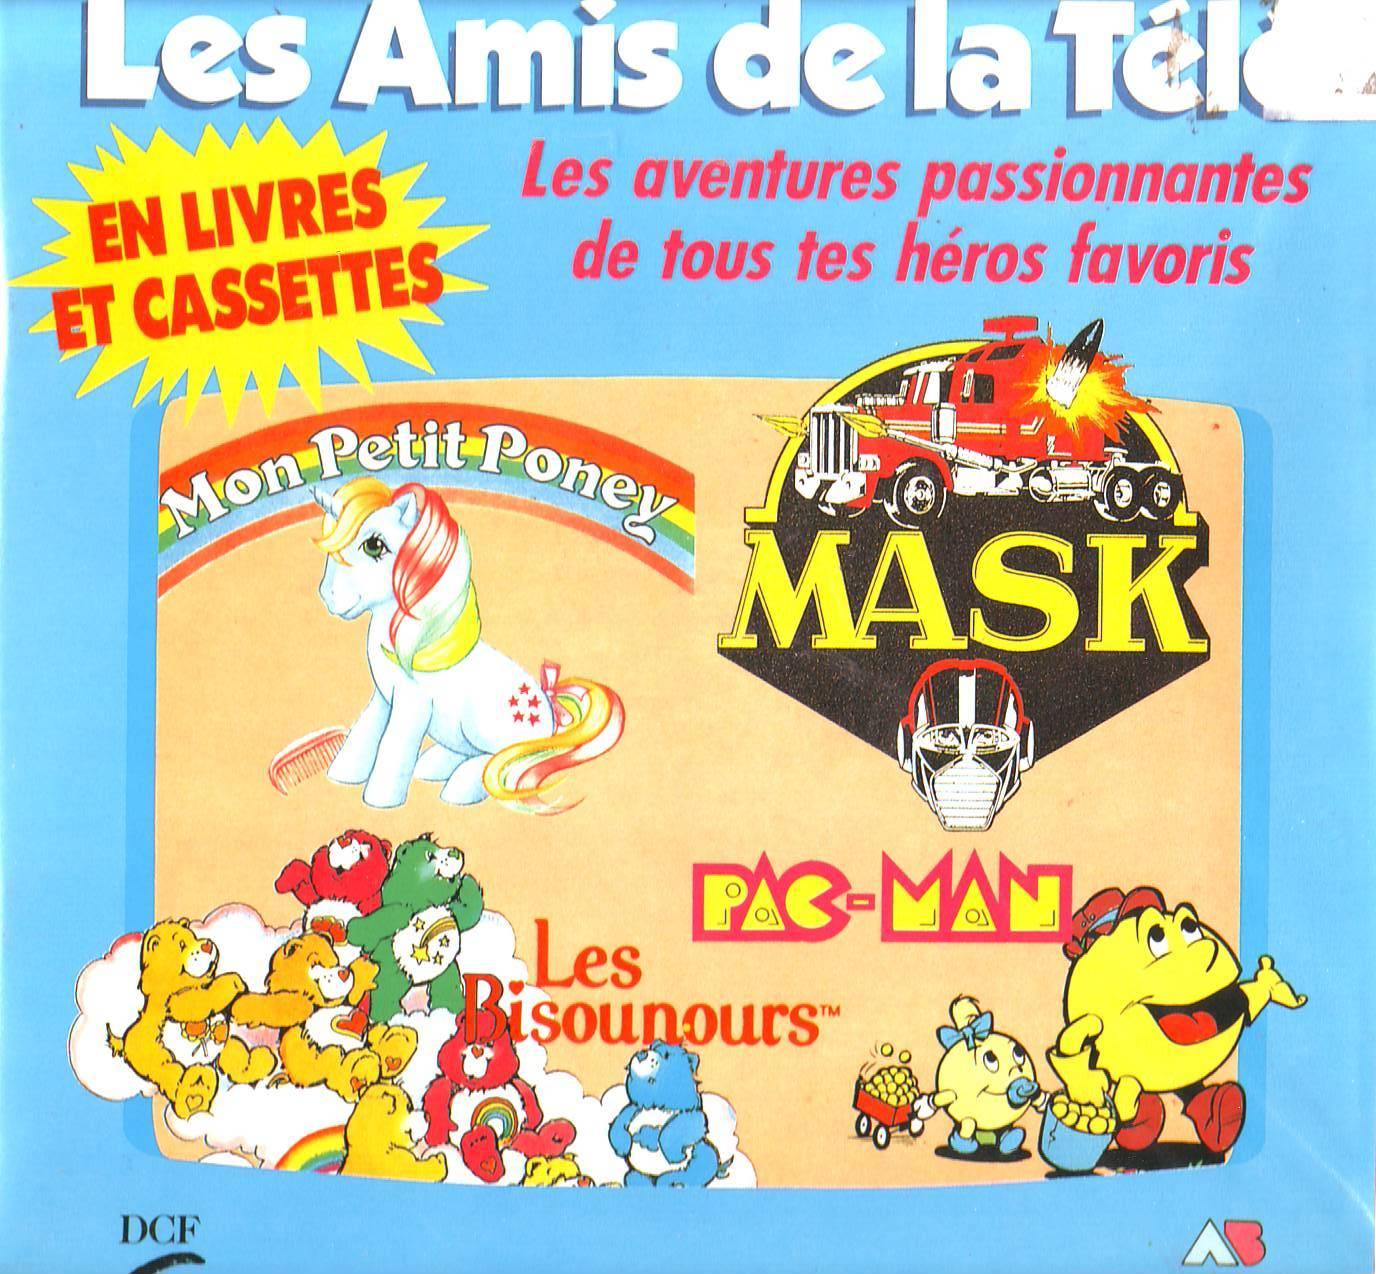 Dorothée et AB Productions Image1864